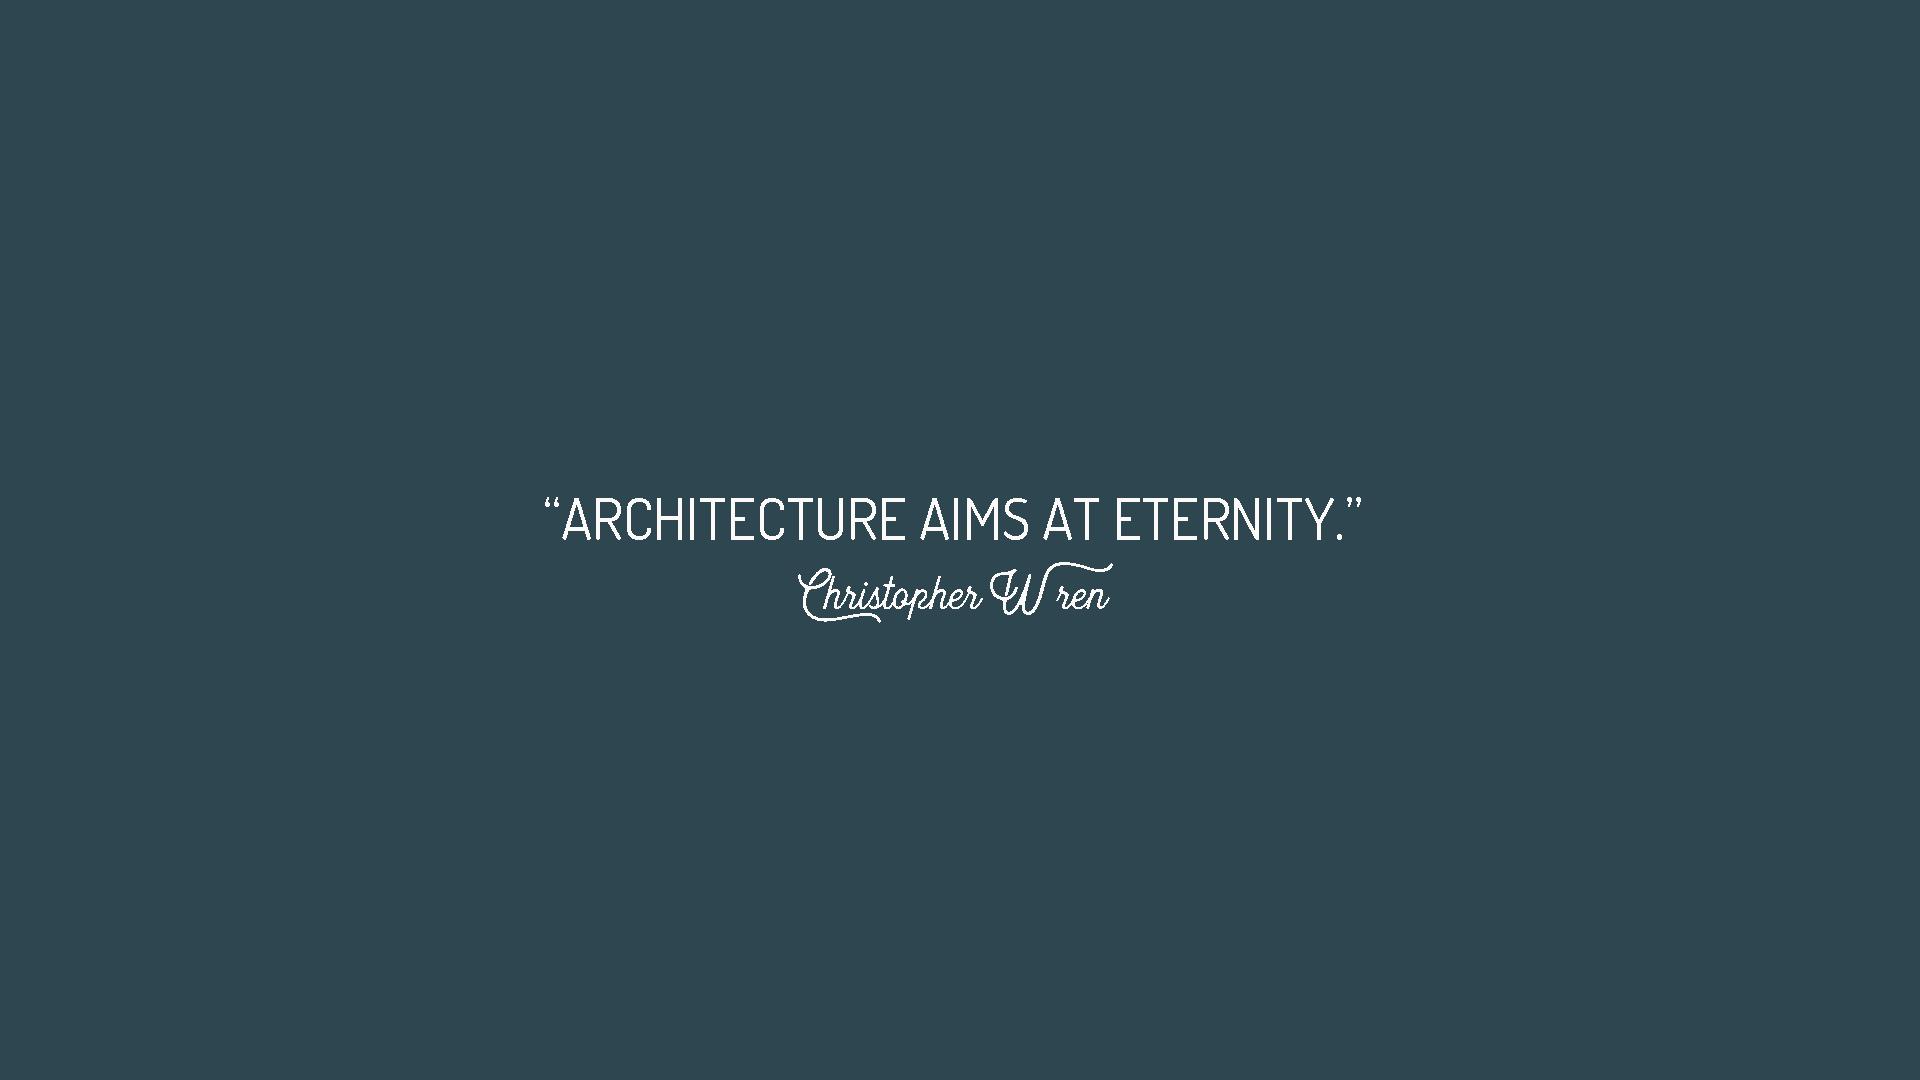 Eternity quote2 - Wren.png